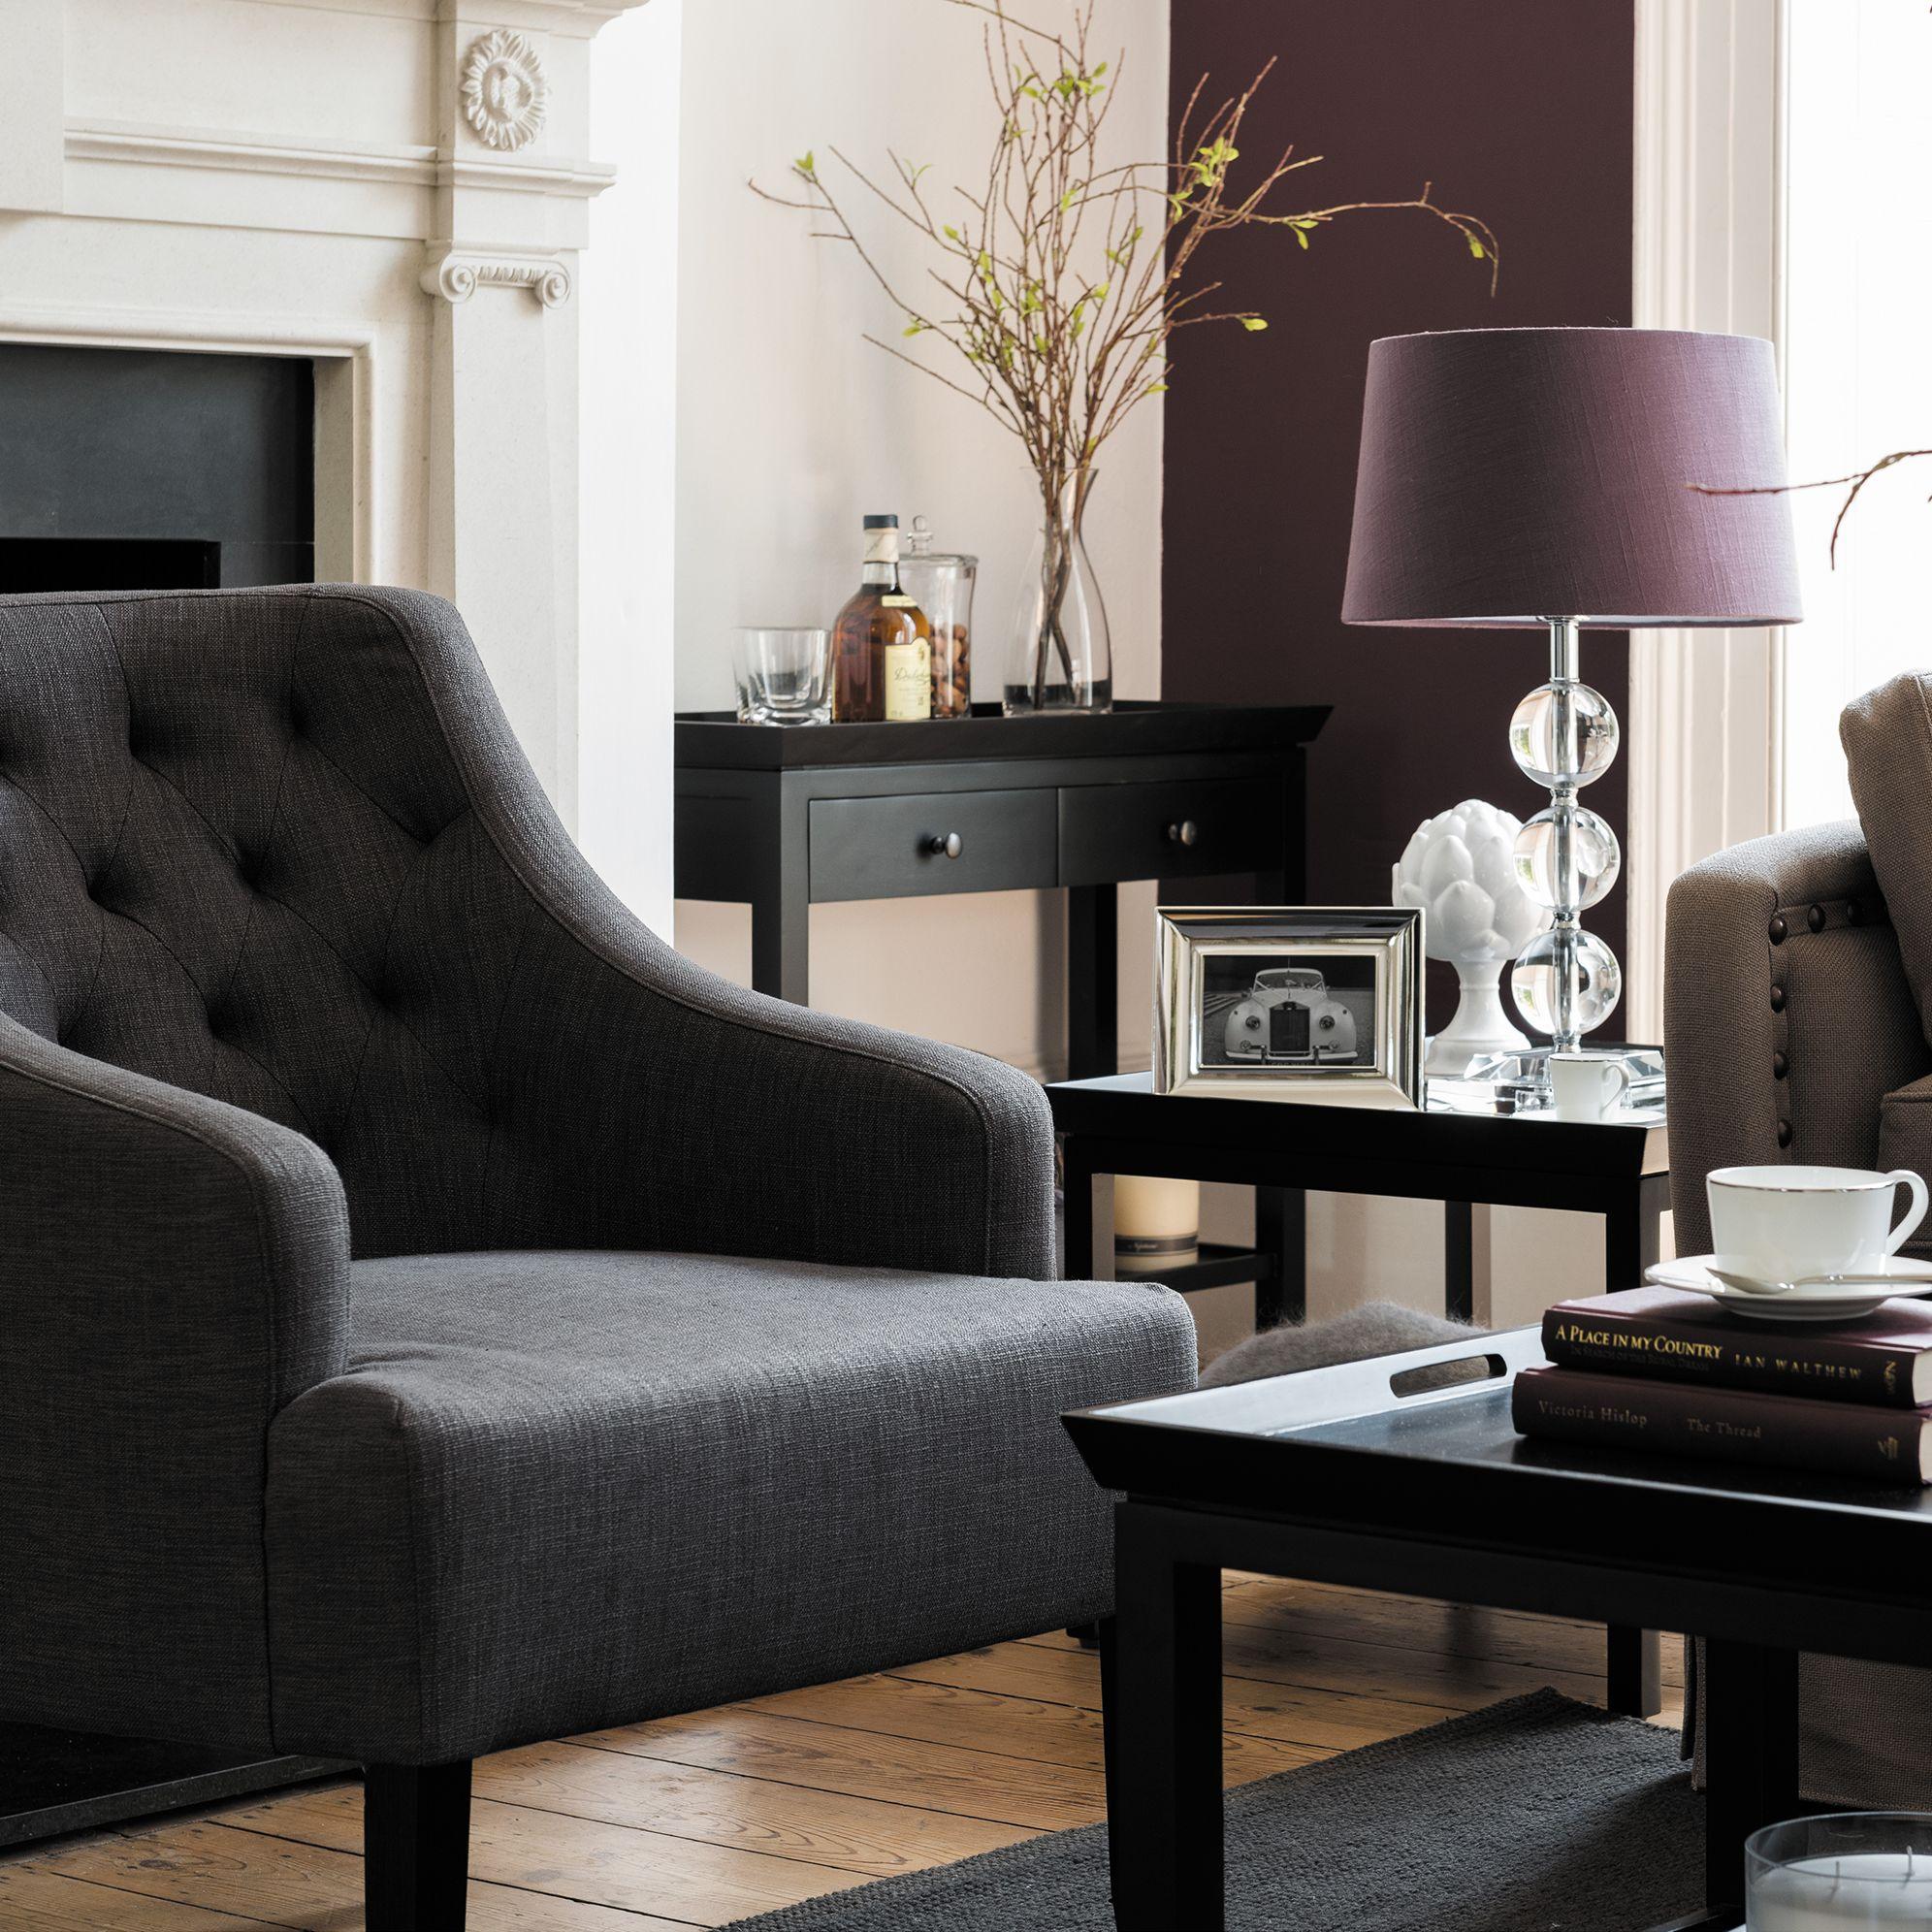 Buy Neptune Aldwych Living Room Furniture Range John Lewis